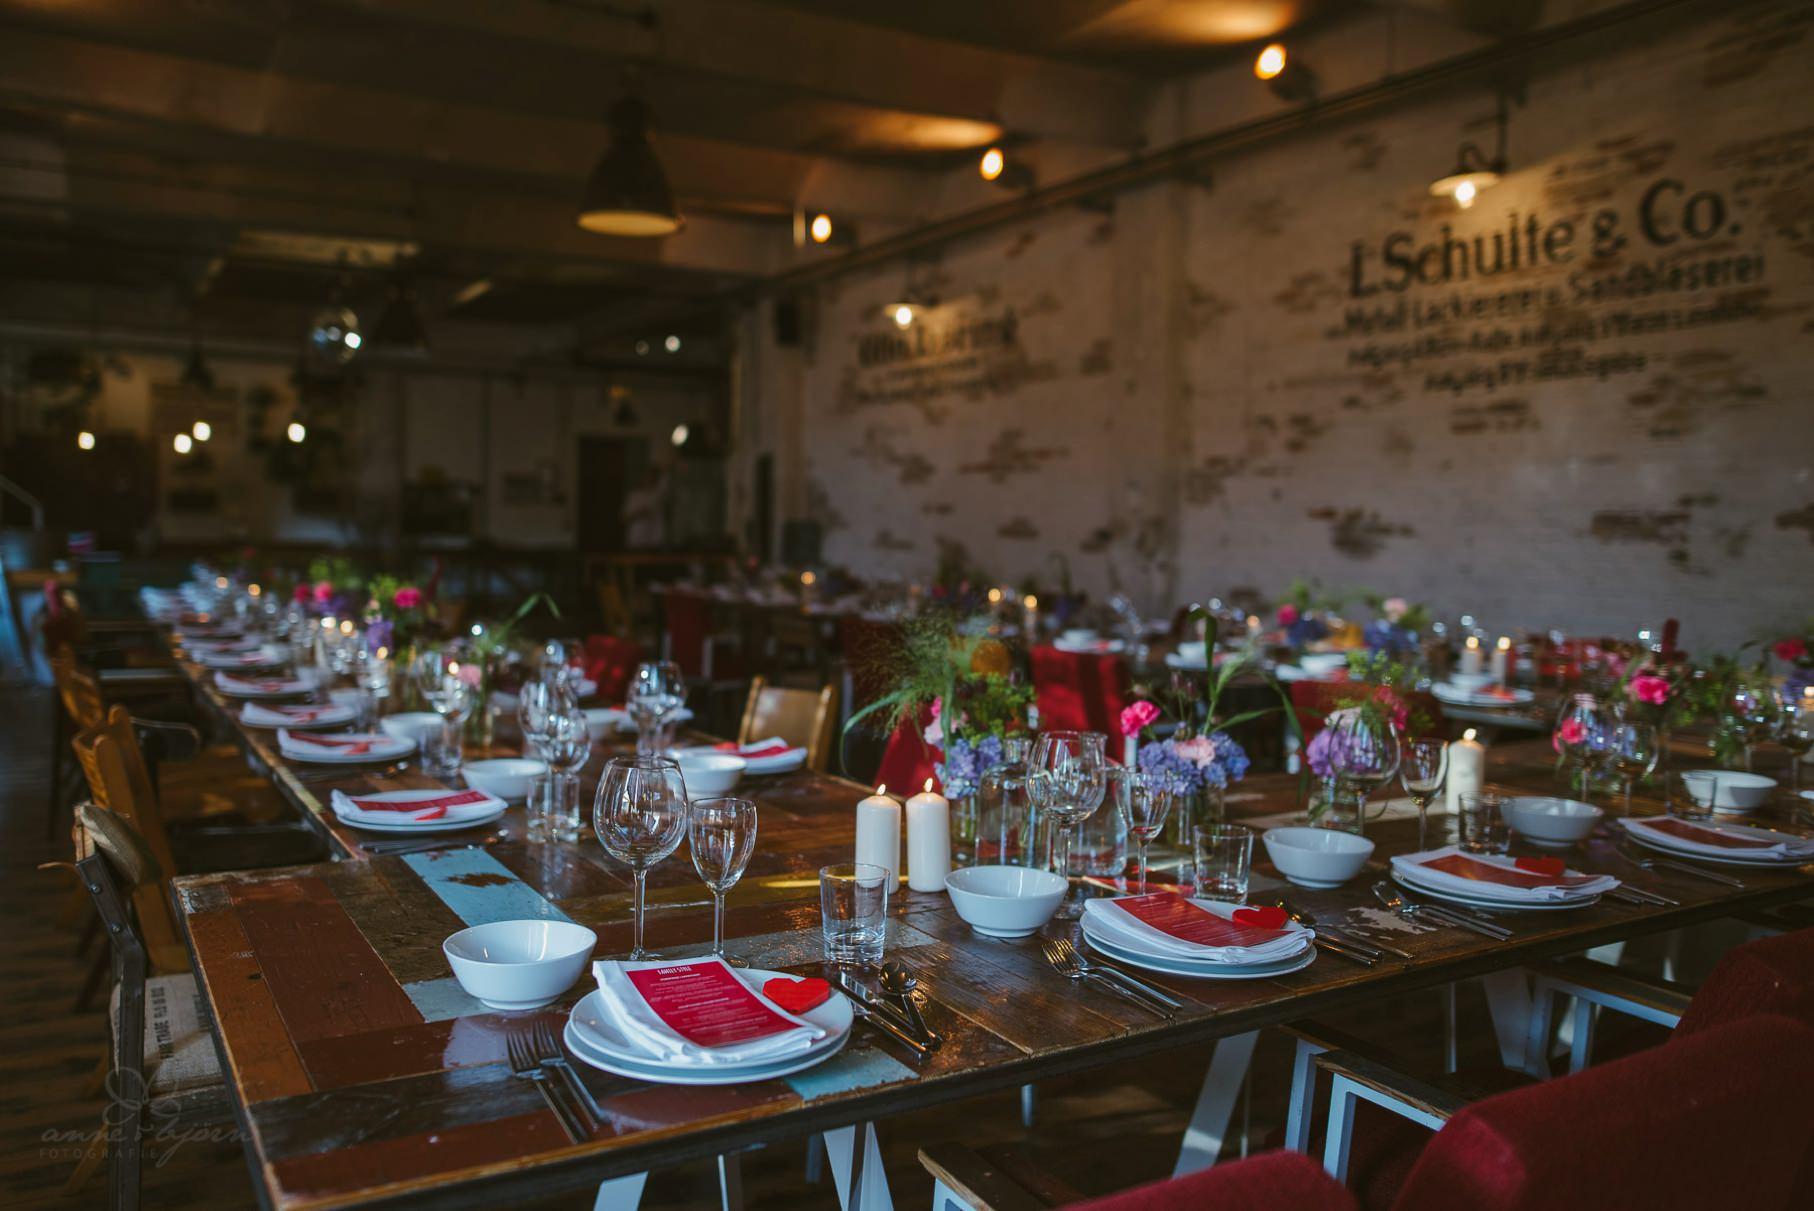 0058 sylwiaundchris d76 4087 - Bunte DIY Hochzeit in der Fabrik 23 - Berlin